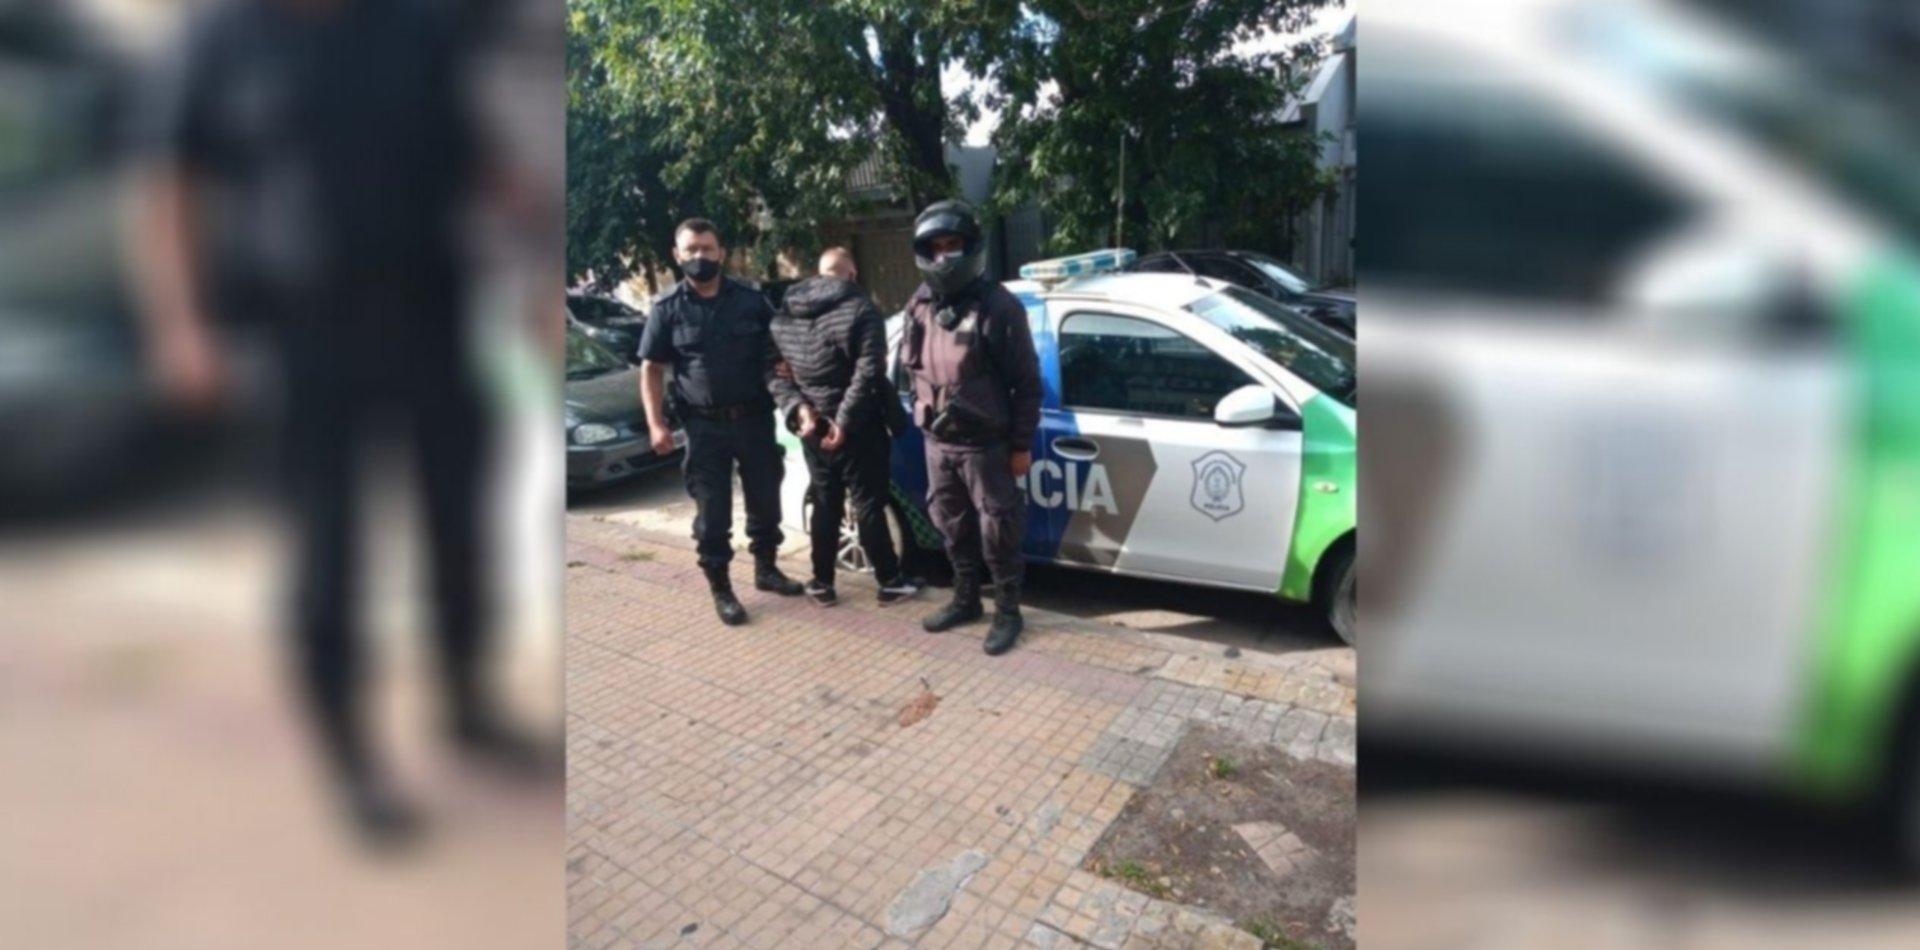 Tenía dos pedidos de captura y lo atraparon en un operativo anti motochorros en La Plata